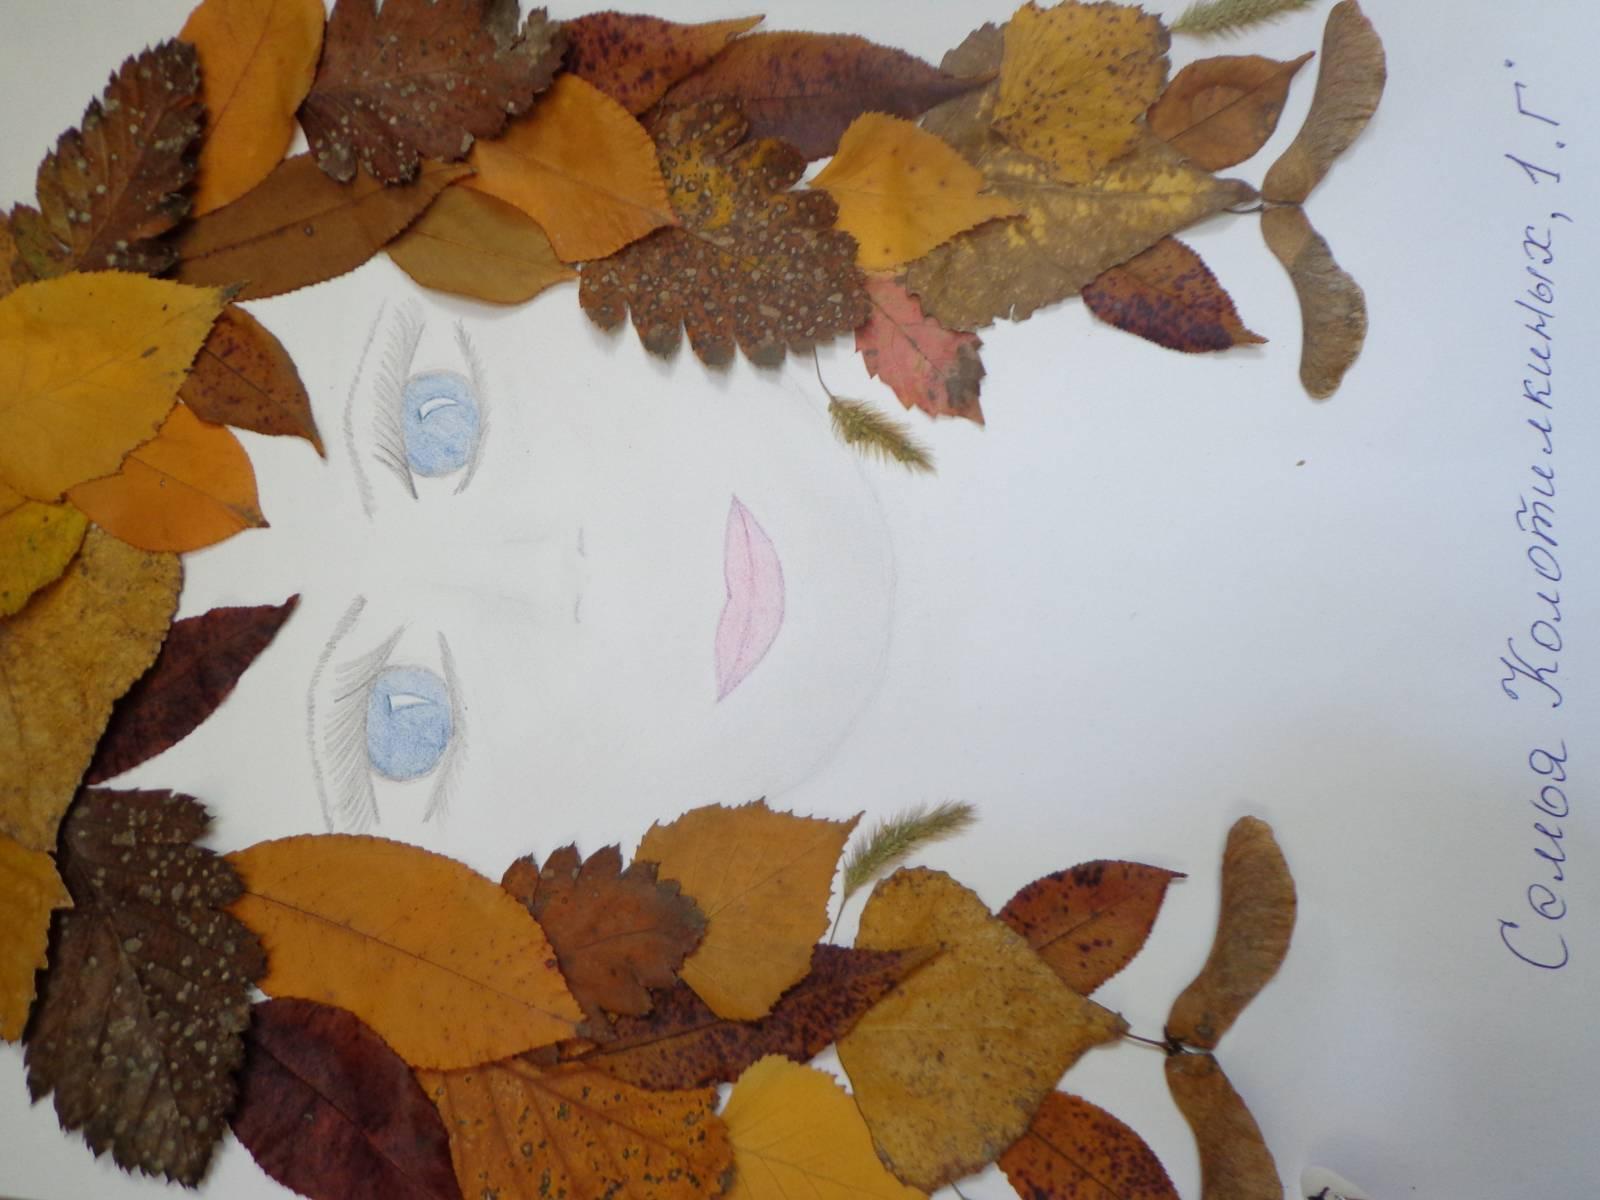 Осенние поделки: 25 идей для детского творчества и украшения интерьера 56